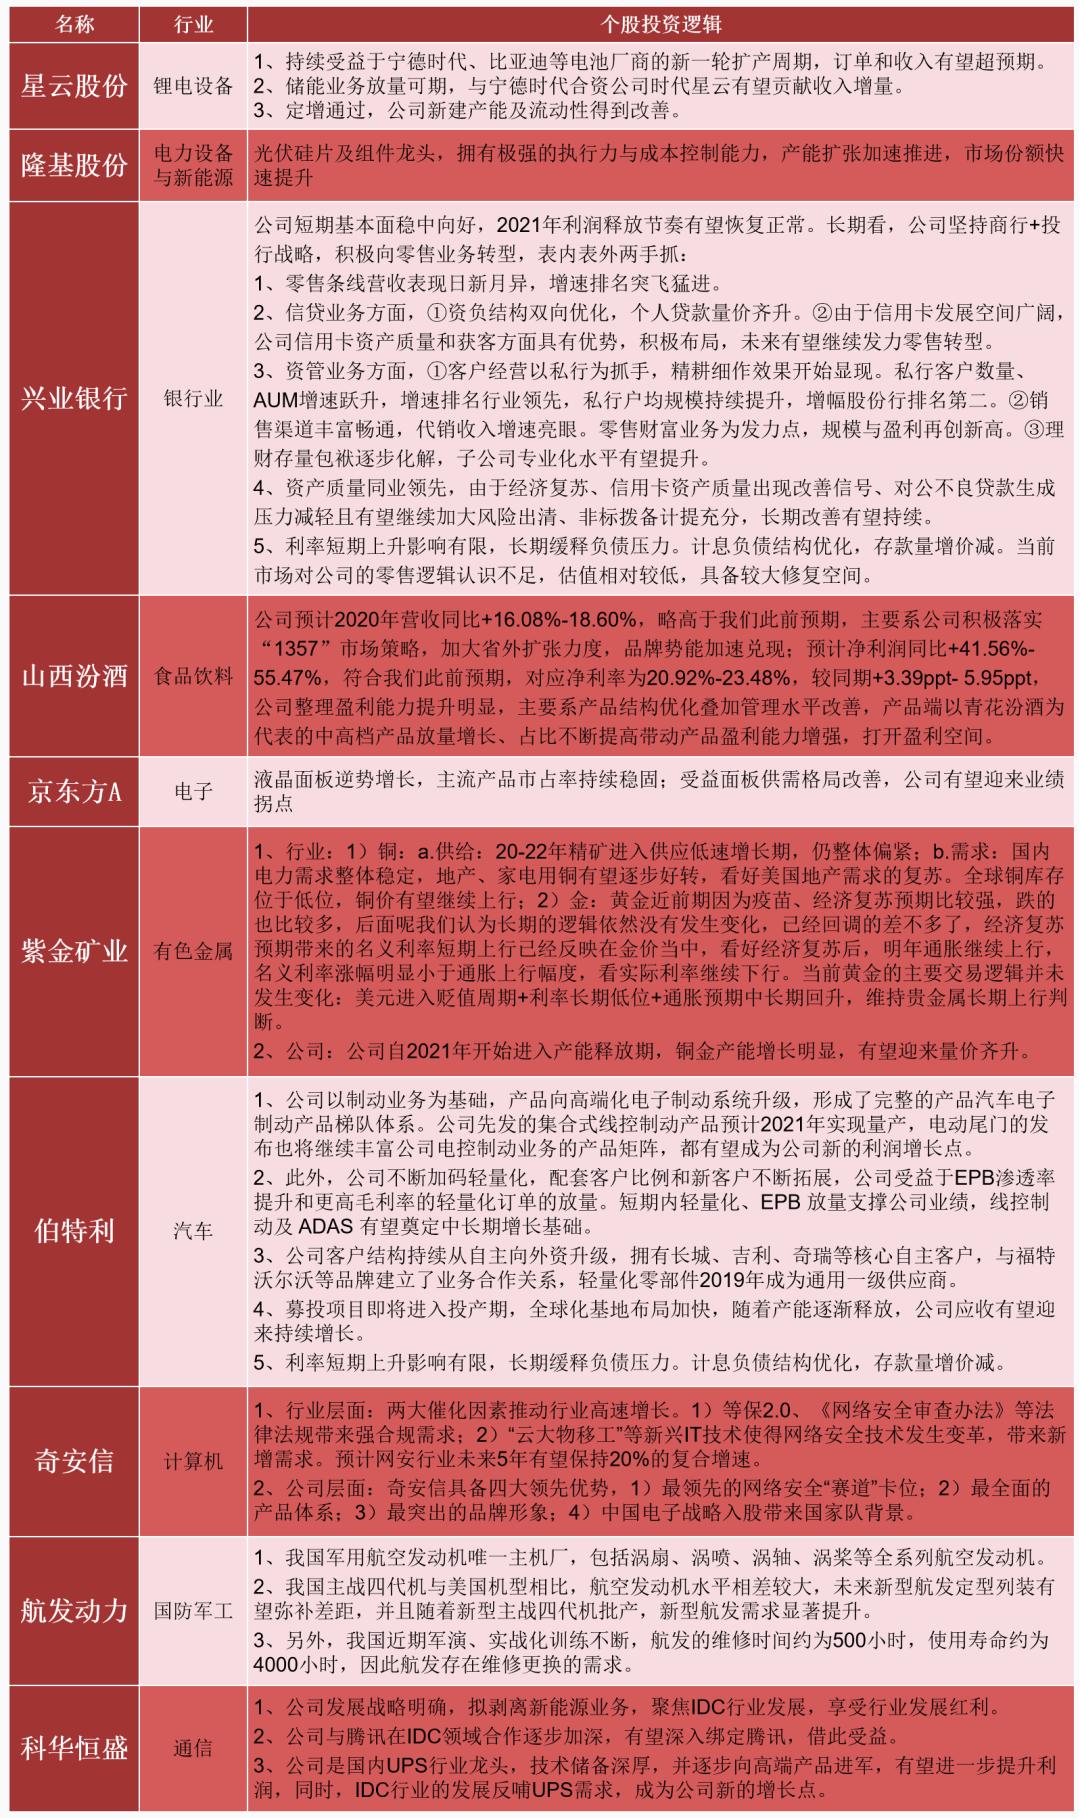 【民生证券研究院】晨会纪要20210114